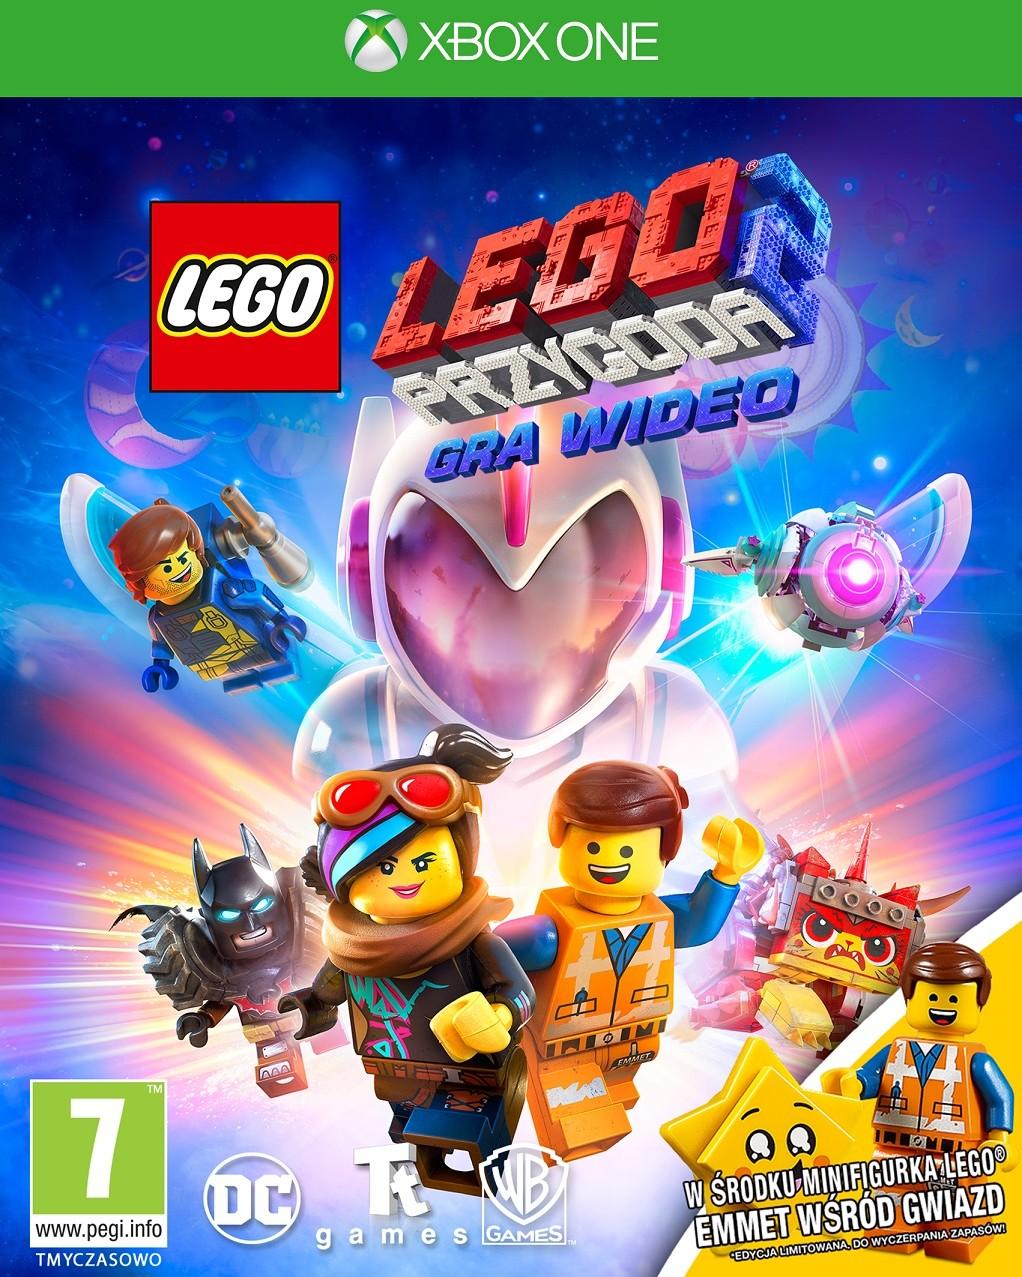 LEGO Przygoda 2 Gra Wideo (GRA XBOX ONE)